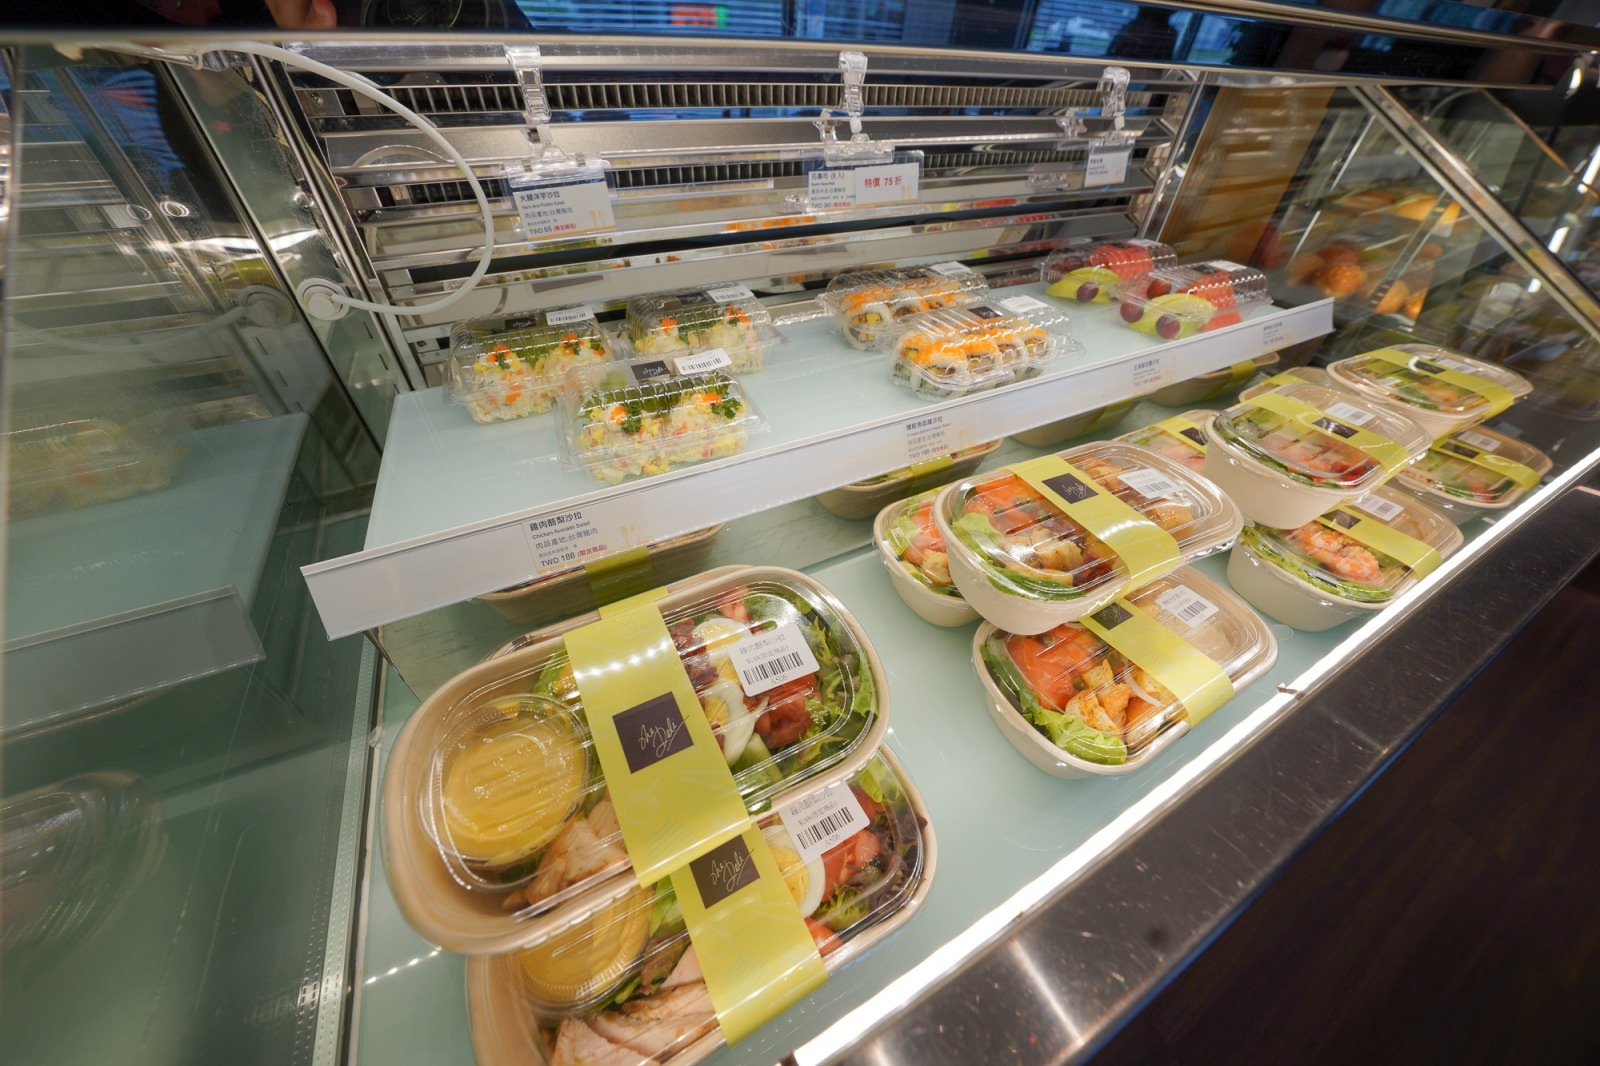 台北喜來登大飯店》五星級飯店隱藏外帶美食,泰式烤全雞200元,一整隻雞吃起來超過癮~出爐馬上秒殺!